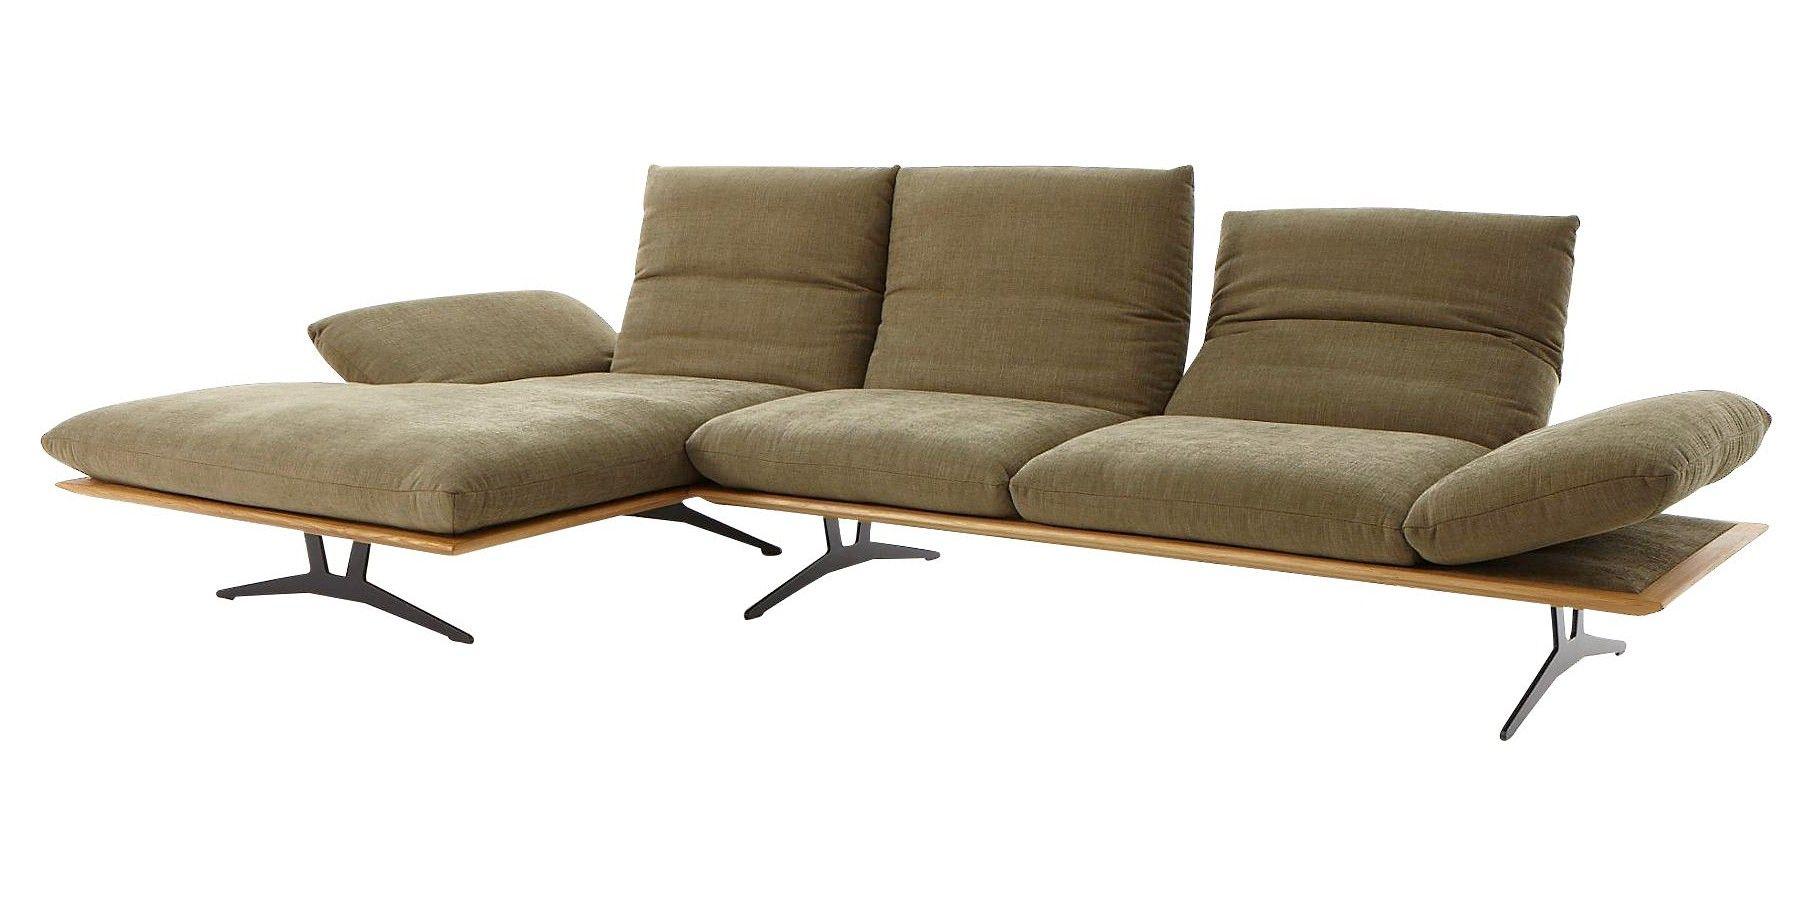 Ecksofa Inkl Kopfteilverstellung Wohnlandschaften Polstermöbel Wohnzimmer Produkte Sofa Ecksofa Wohnzimmer